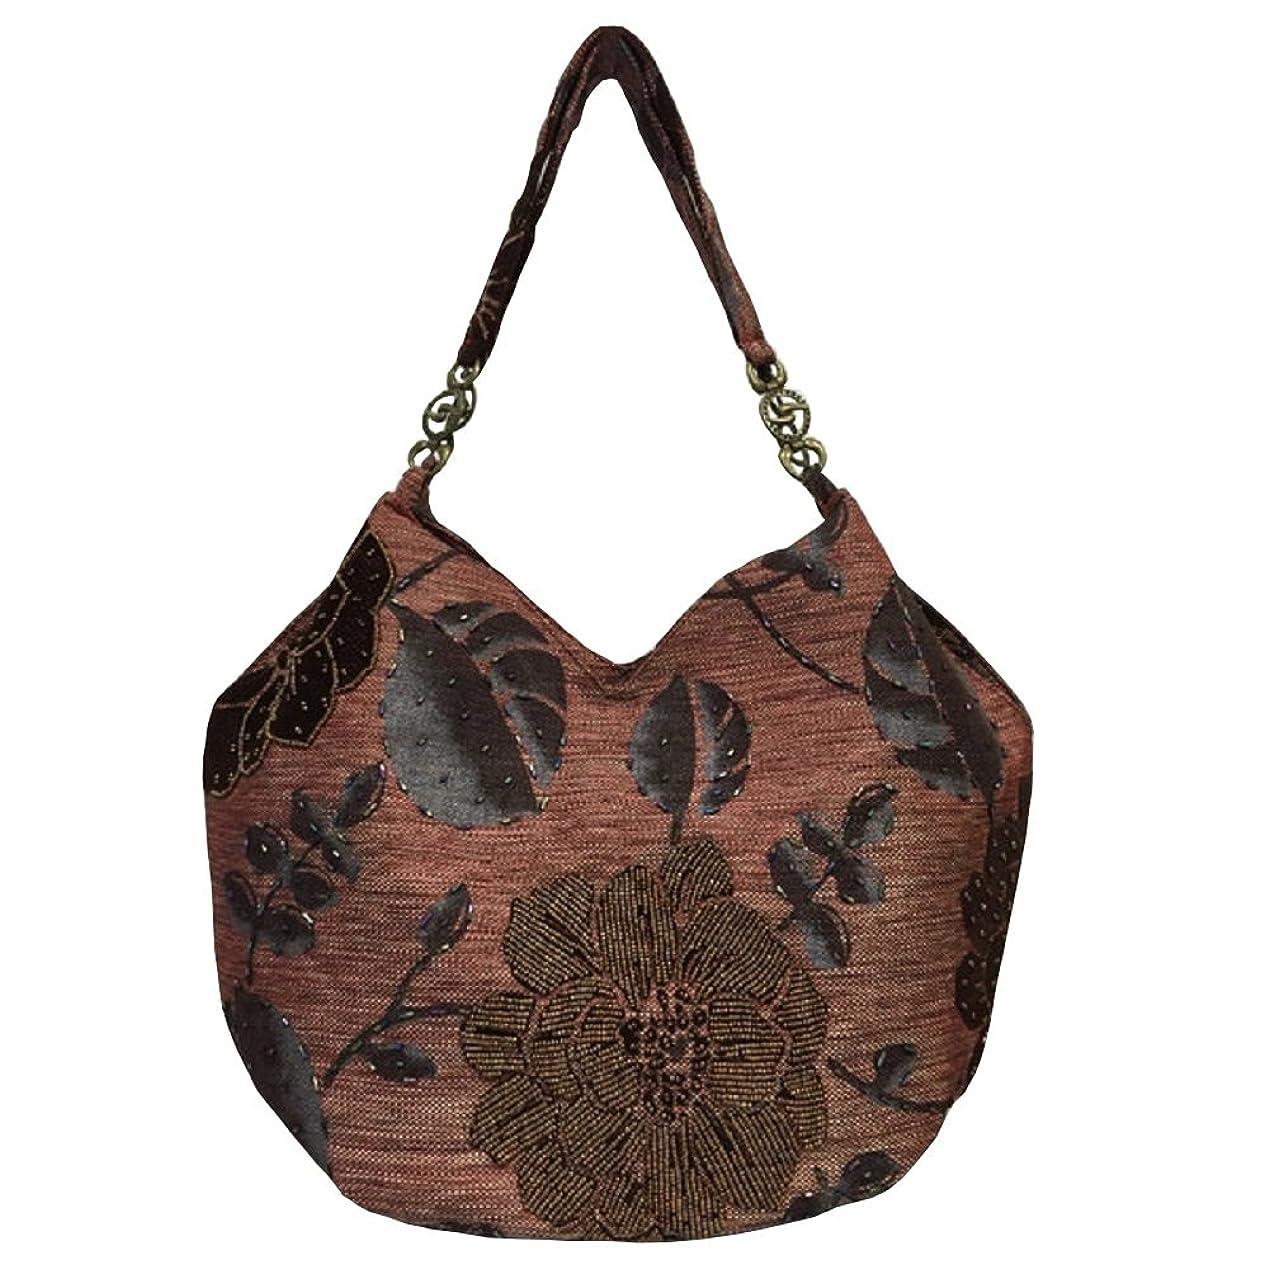 回路後世ペンスベトナムバッグ ビーズ チェーン トートバッグ 肩掛け 鞄 ベトナム雑貨 花柄